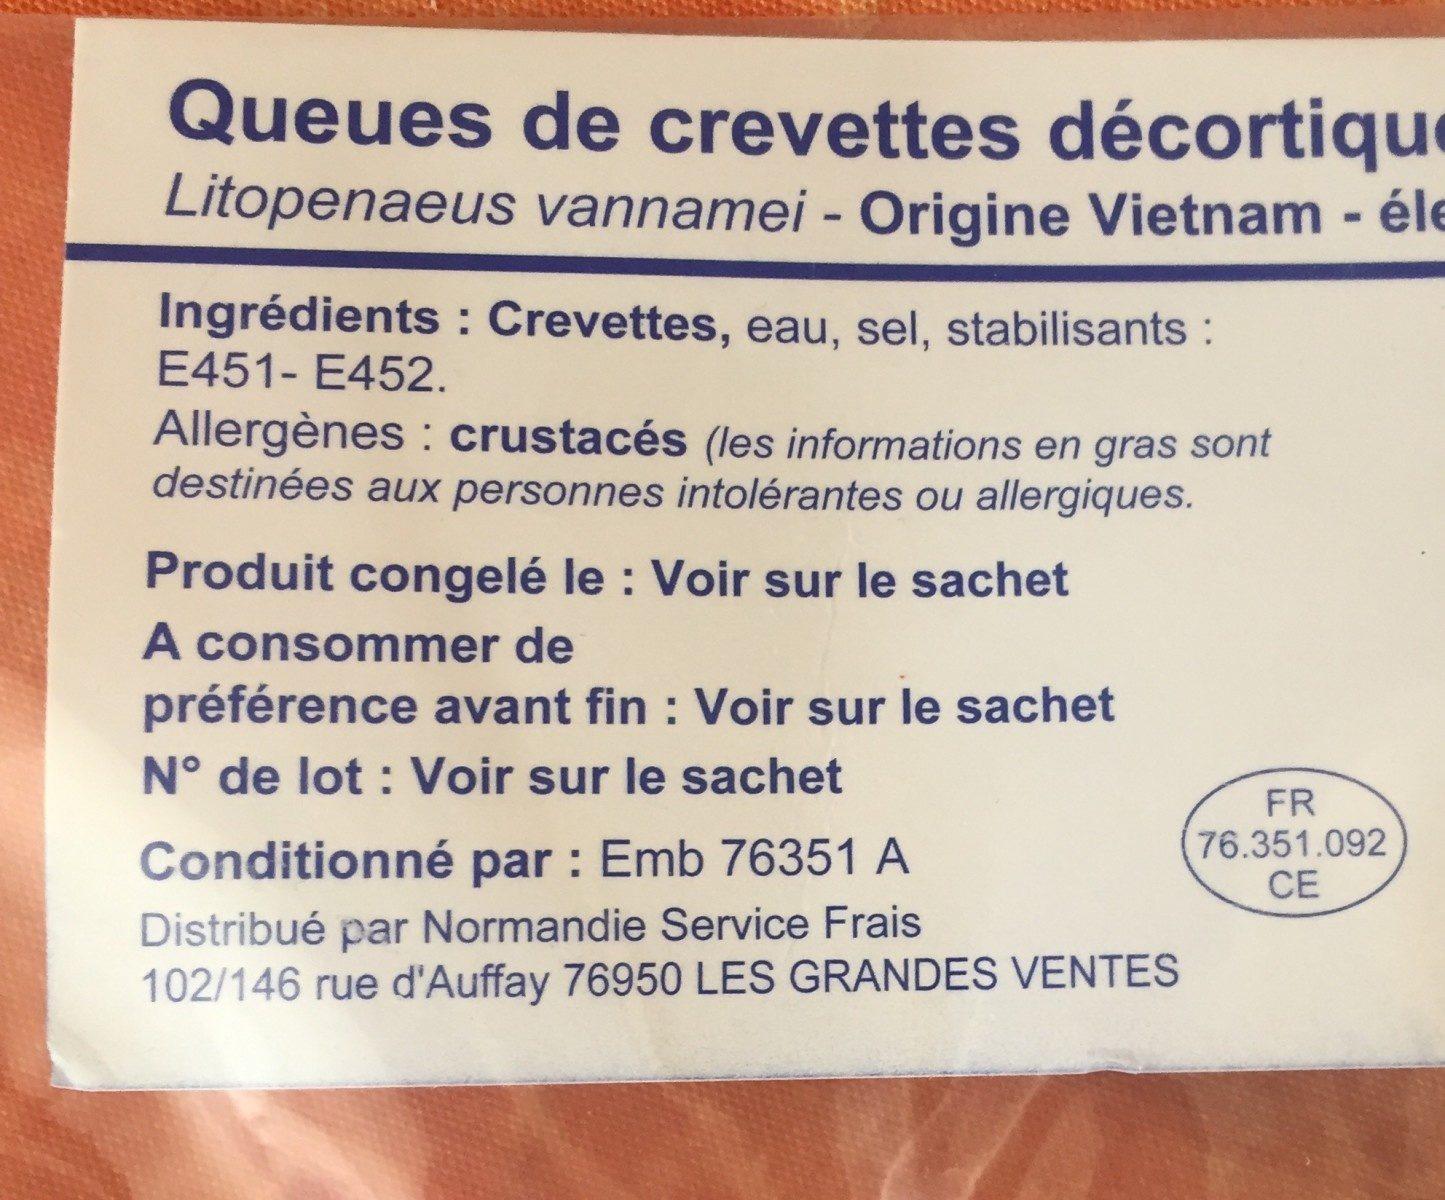 Queues de crevettes decortiquées déveinées cuite - Ingrediënten - fr